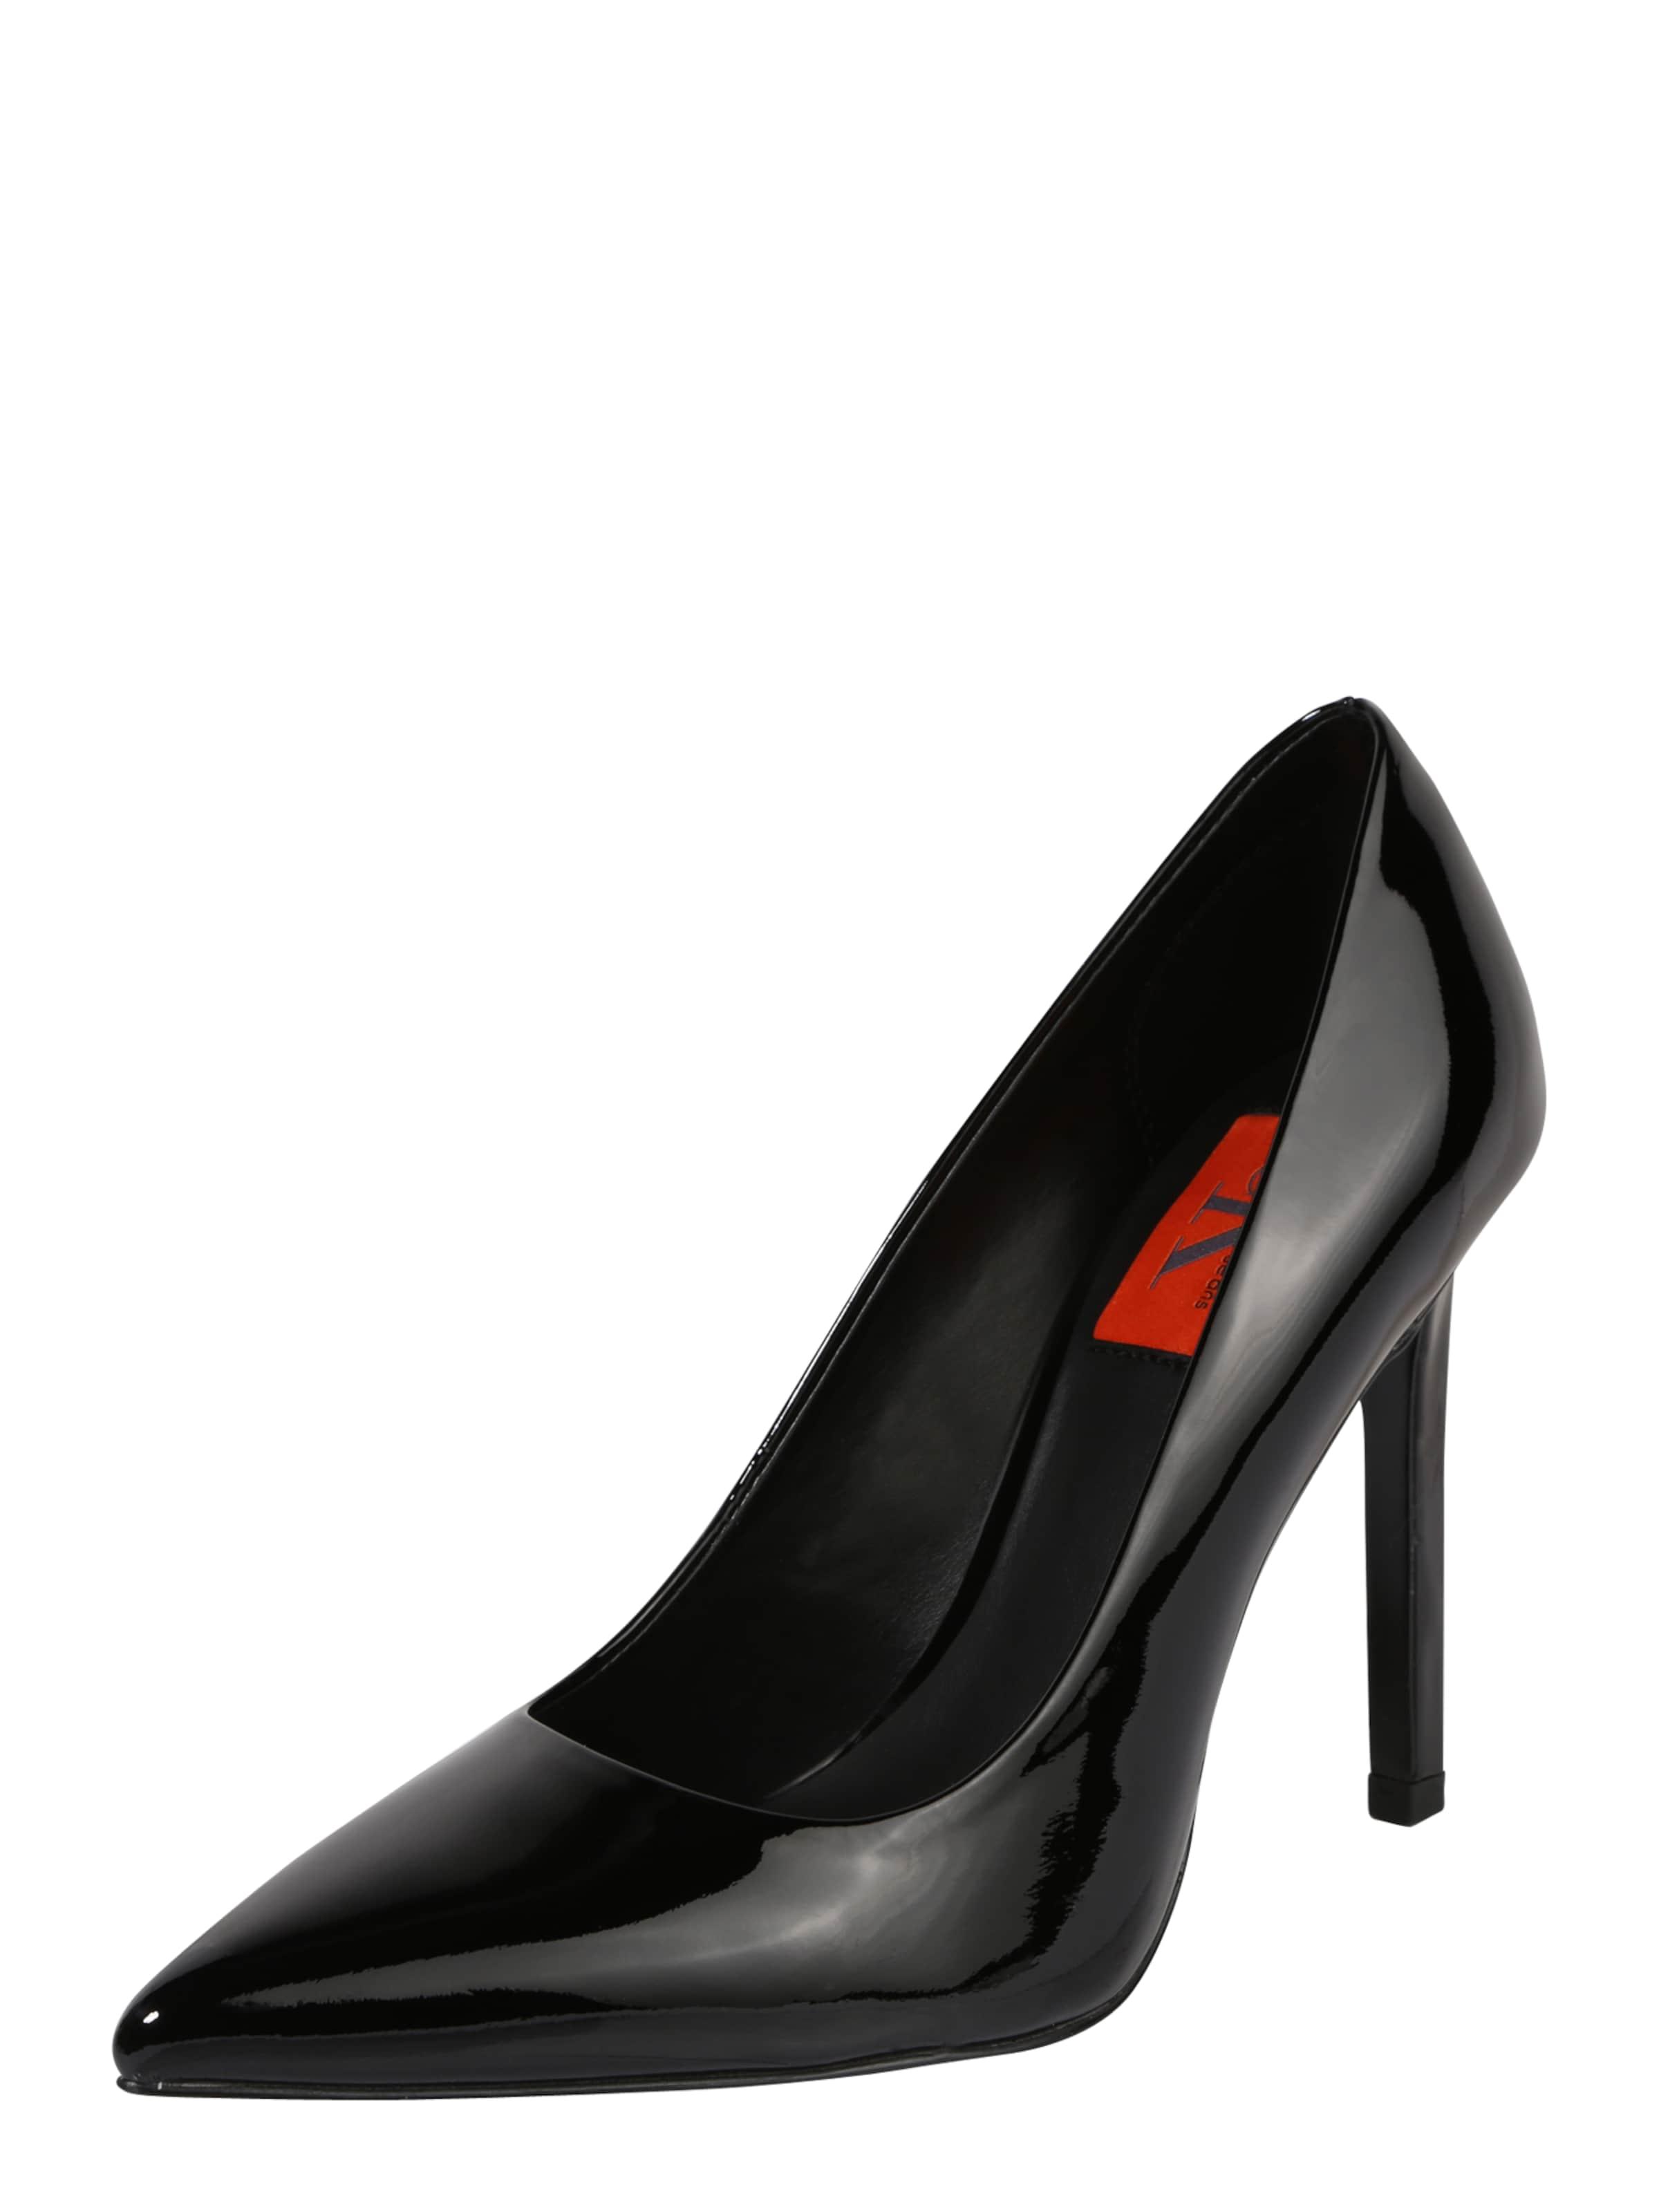 Die Besten Preise Günstiger Preis Niedriger Preis Zu Verkaufen Calvin Klein Jeans High Heel Pumps in Lackleder 'PAIGE' Erhalten Zum Verkauf Verkauf Erhalten Zu Kaufen jYD7Os